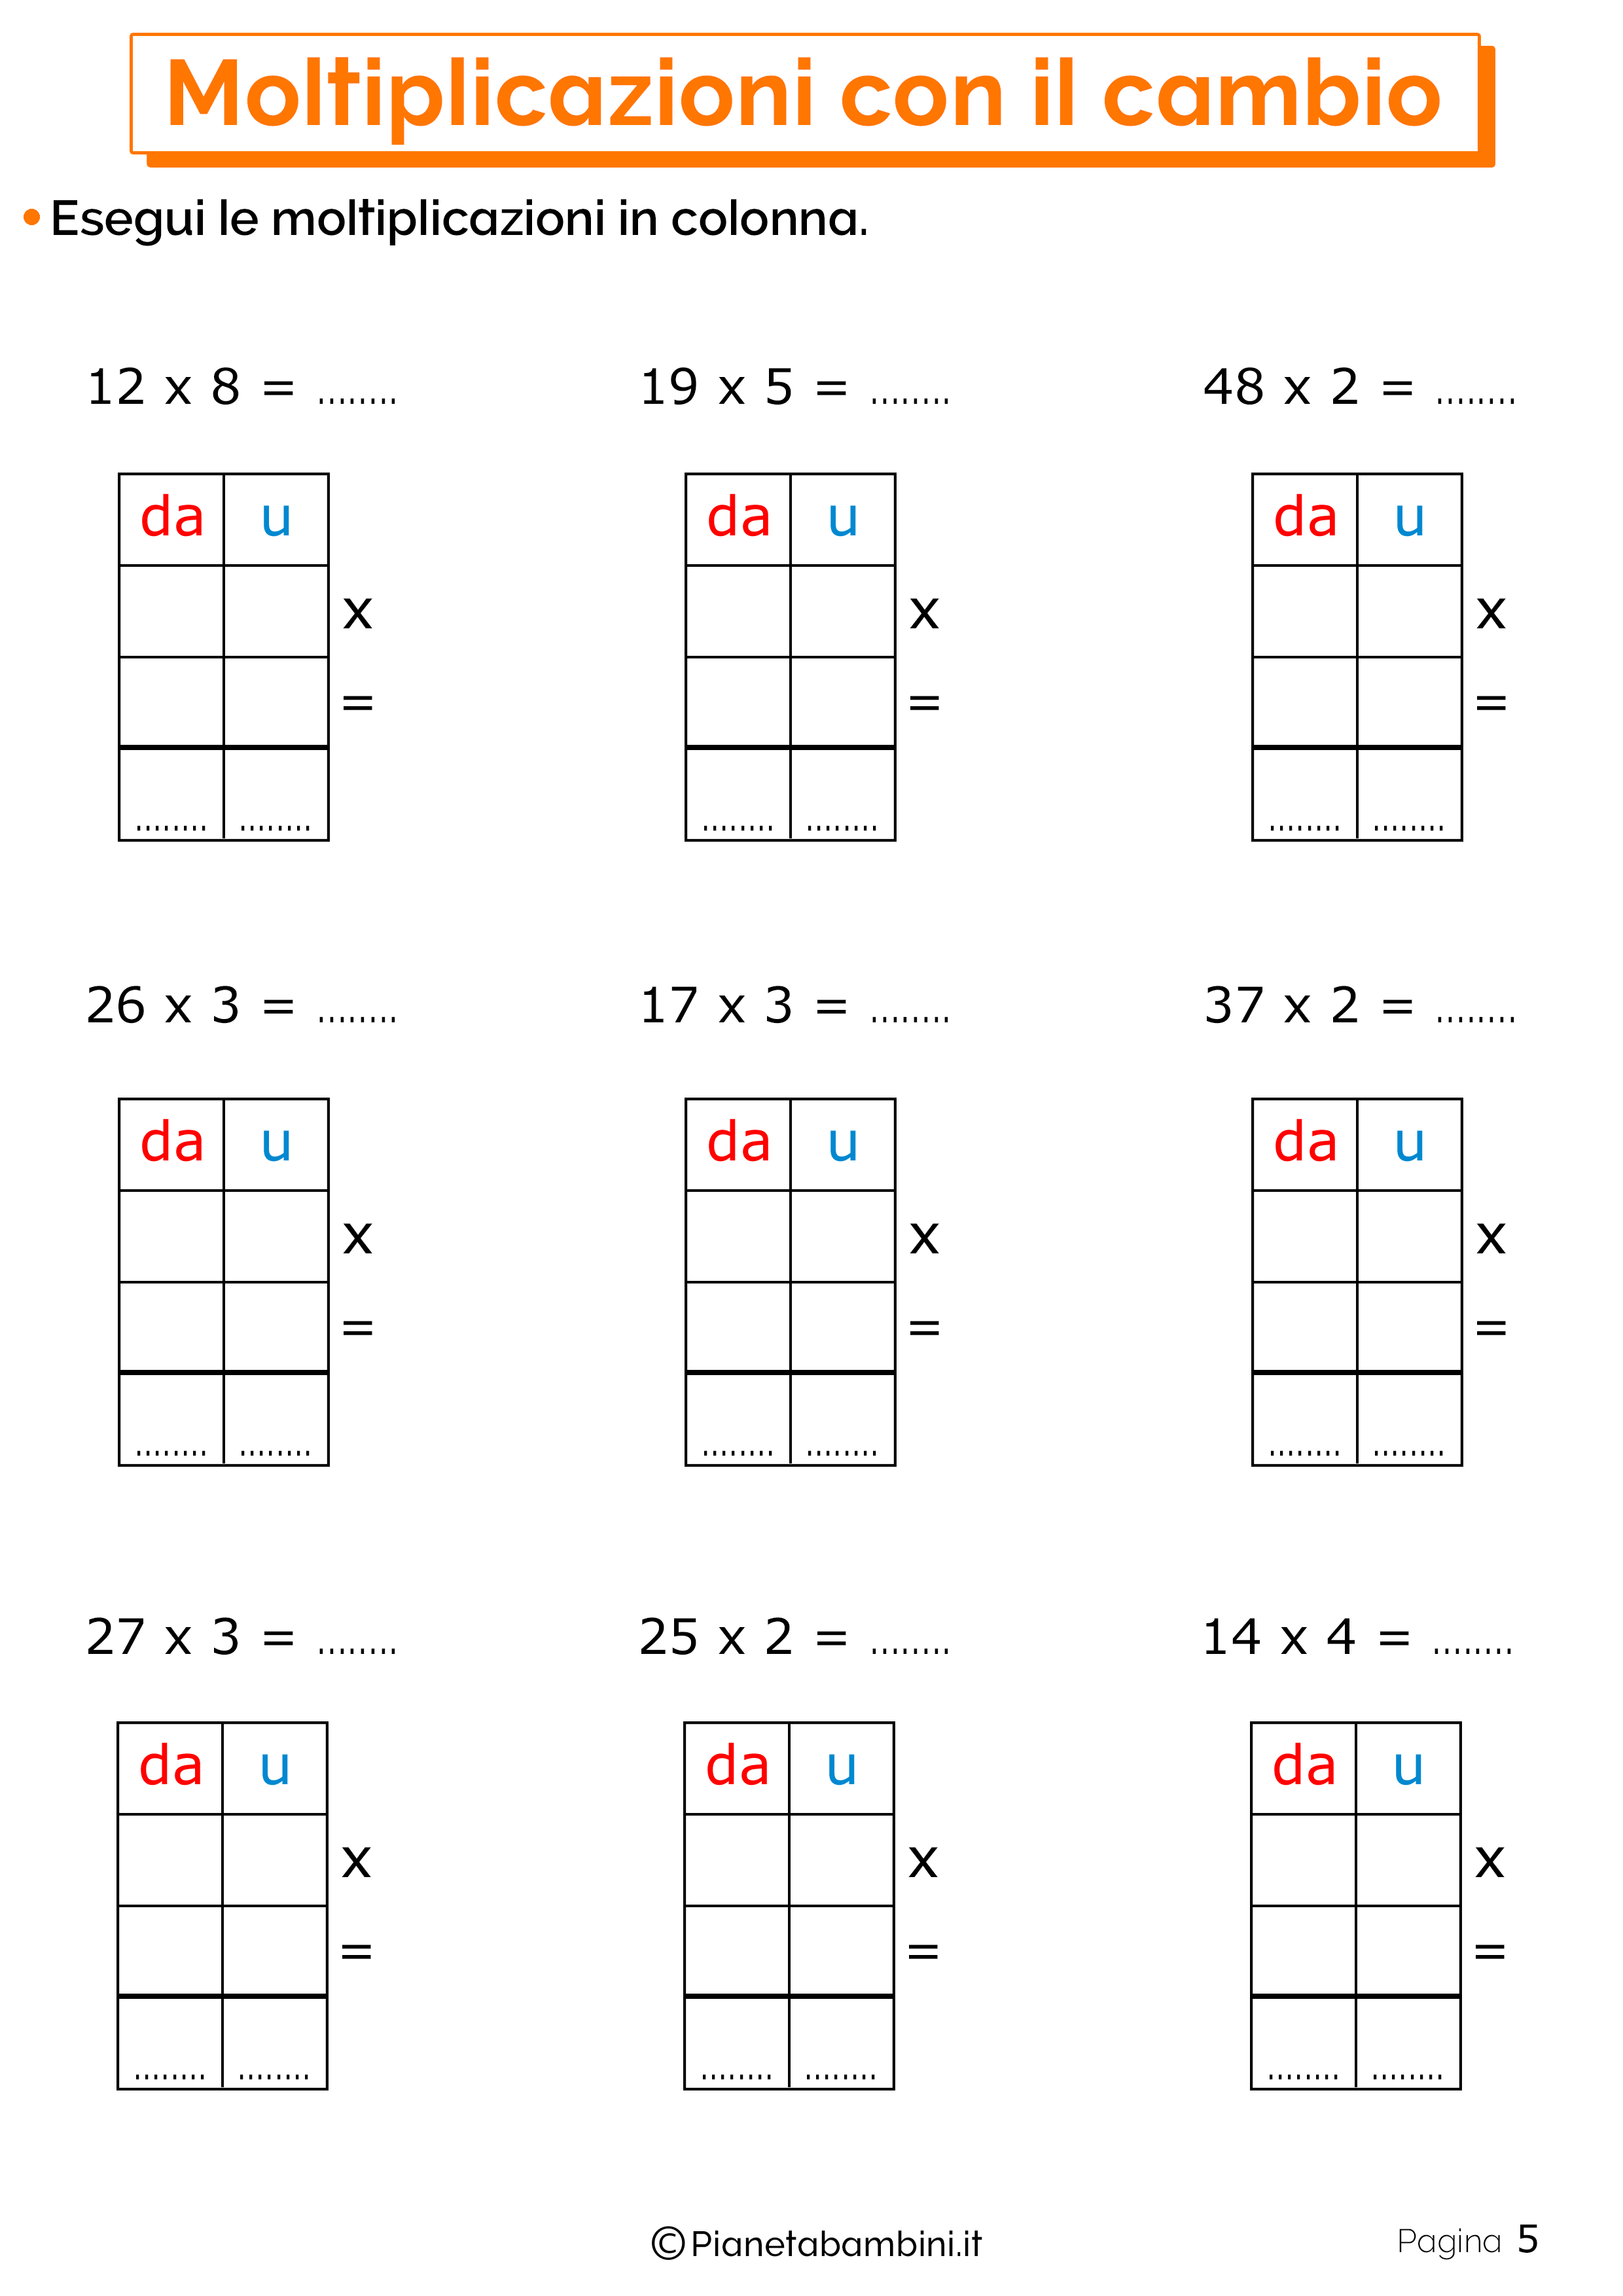 Schede didattiche sulle moltiplicazioni con il cambio 5